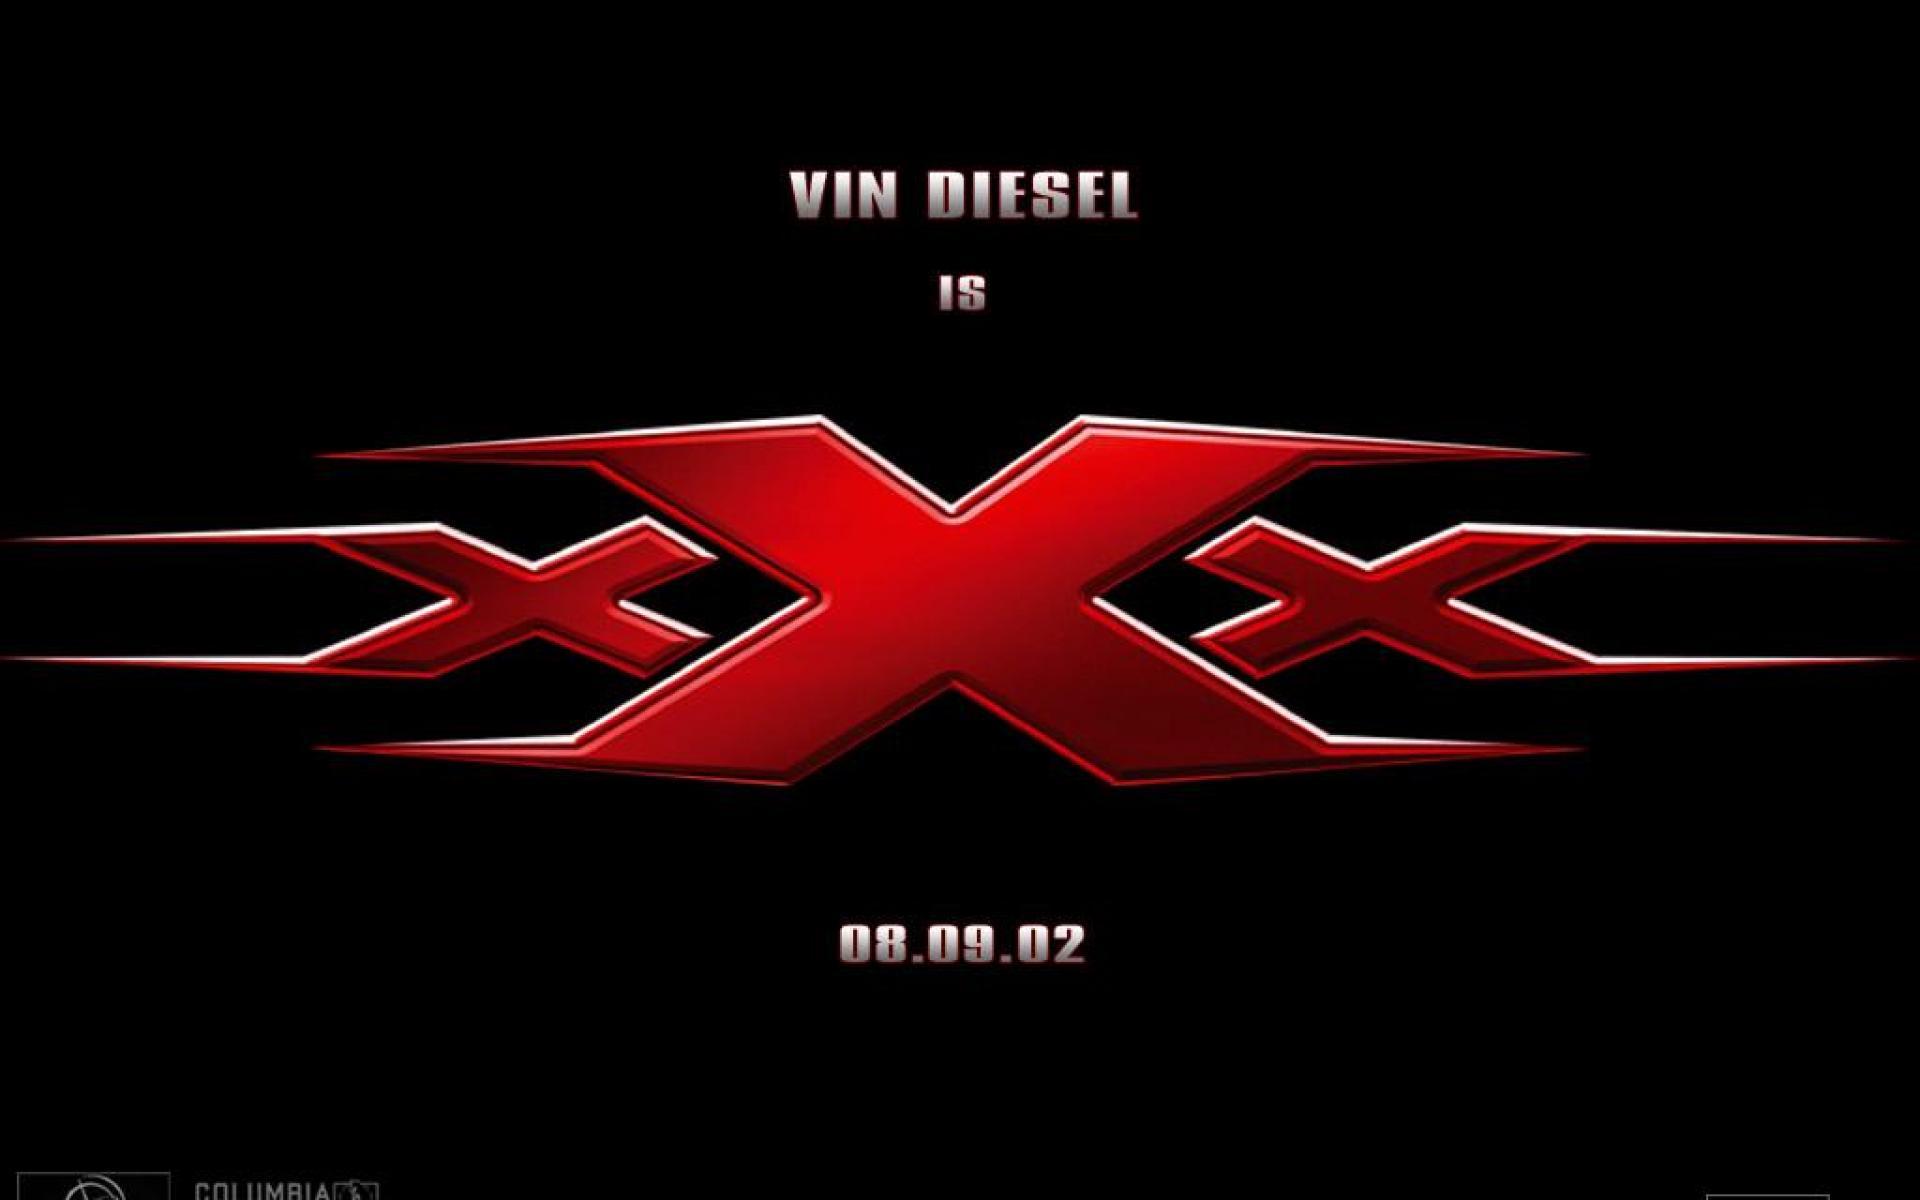 Xxx новый уровень 1 фотография